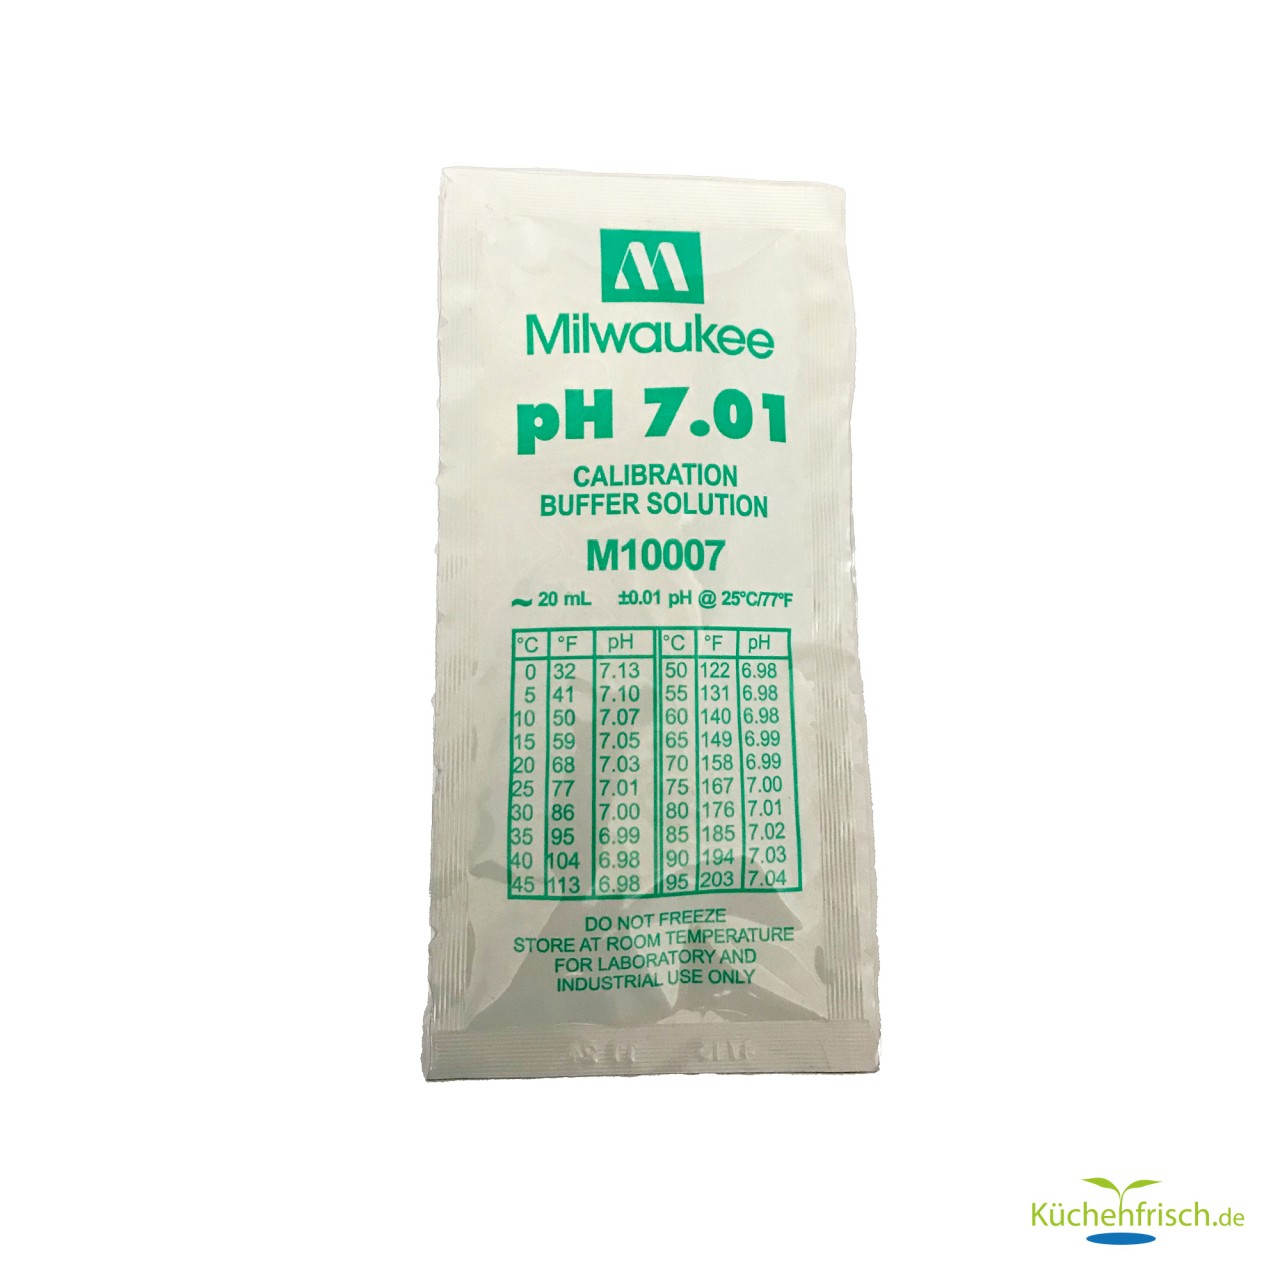 Milwaukee Kalibrierflüssigkeit pH 7.01 20 mL